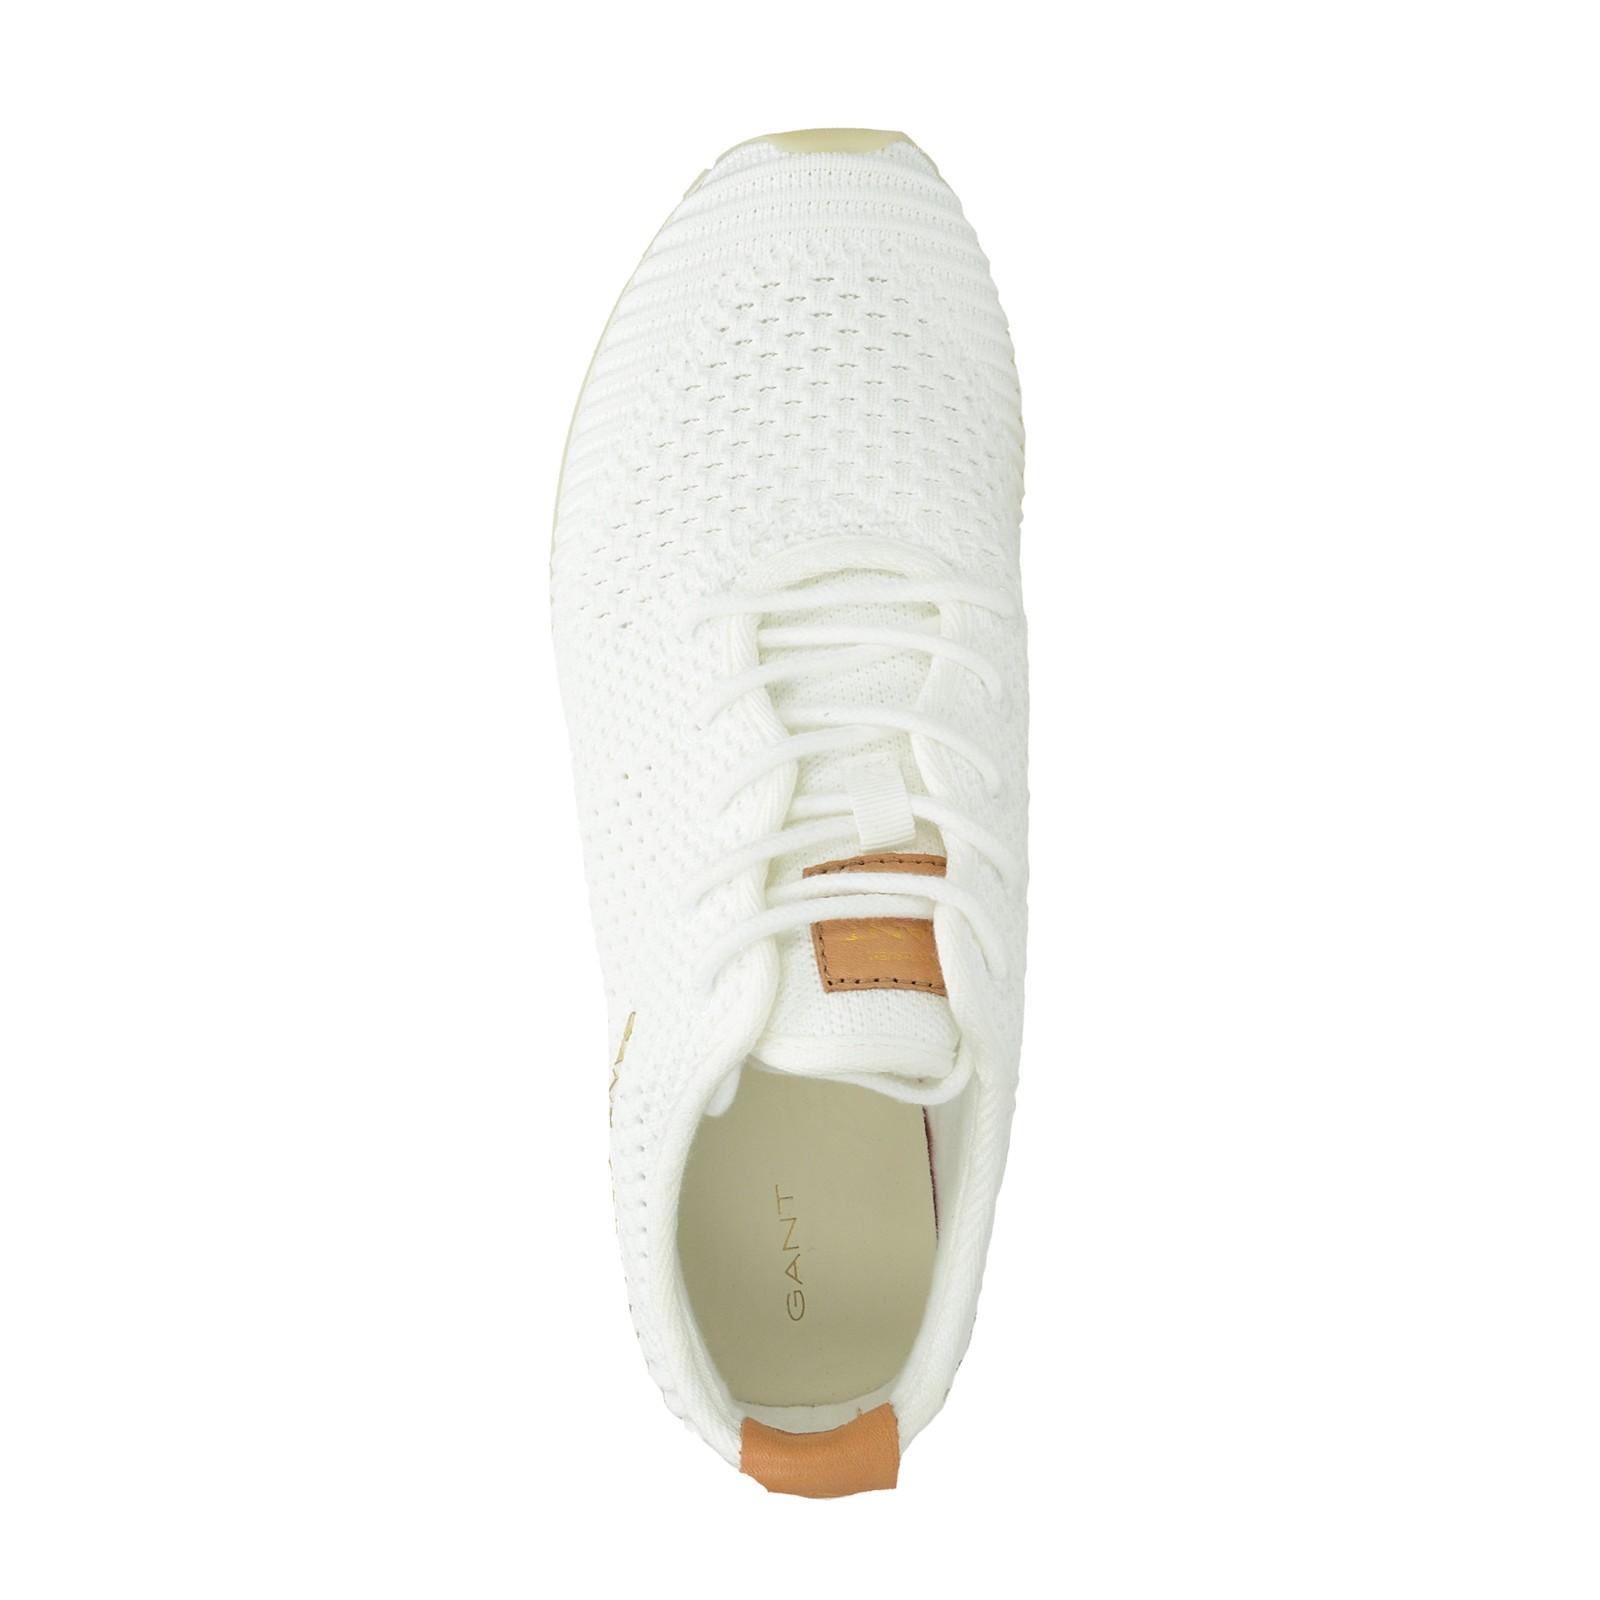 Gant dámské stylové tenisky - bílé